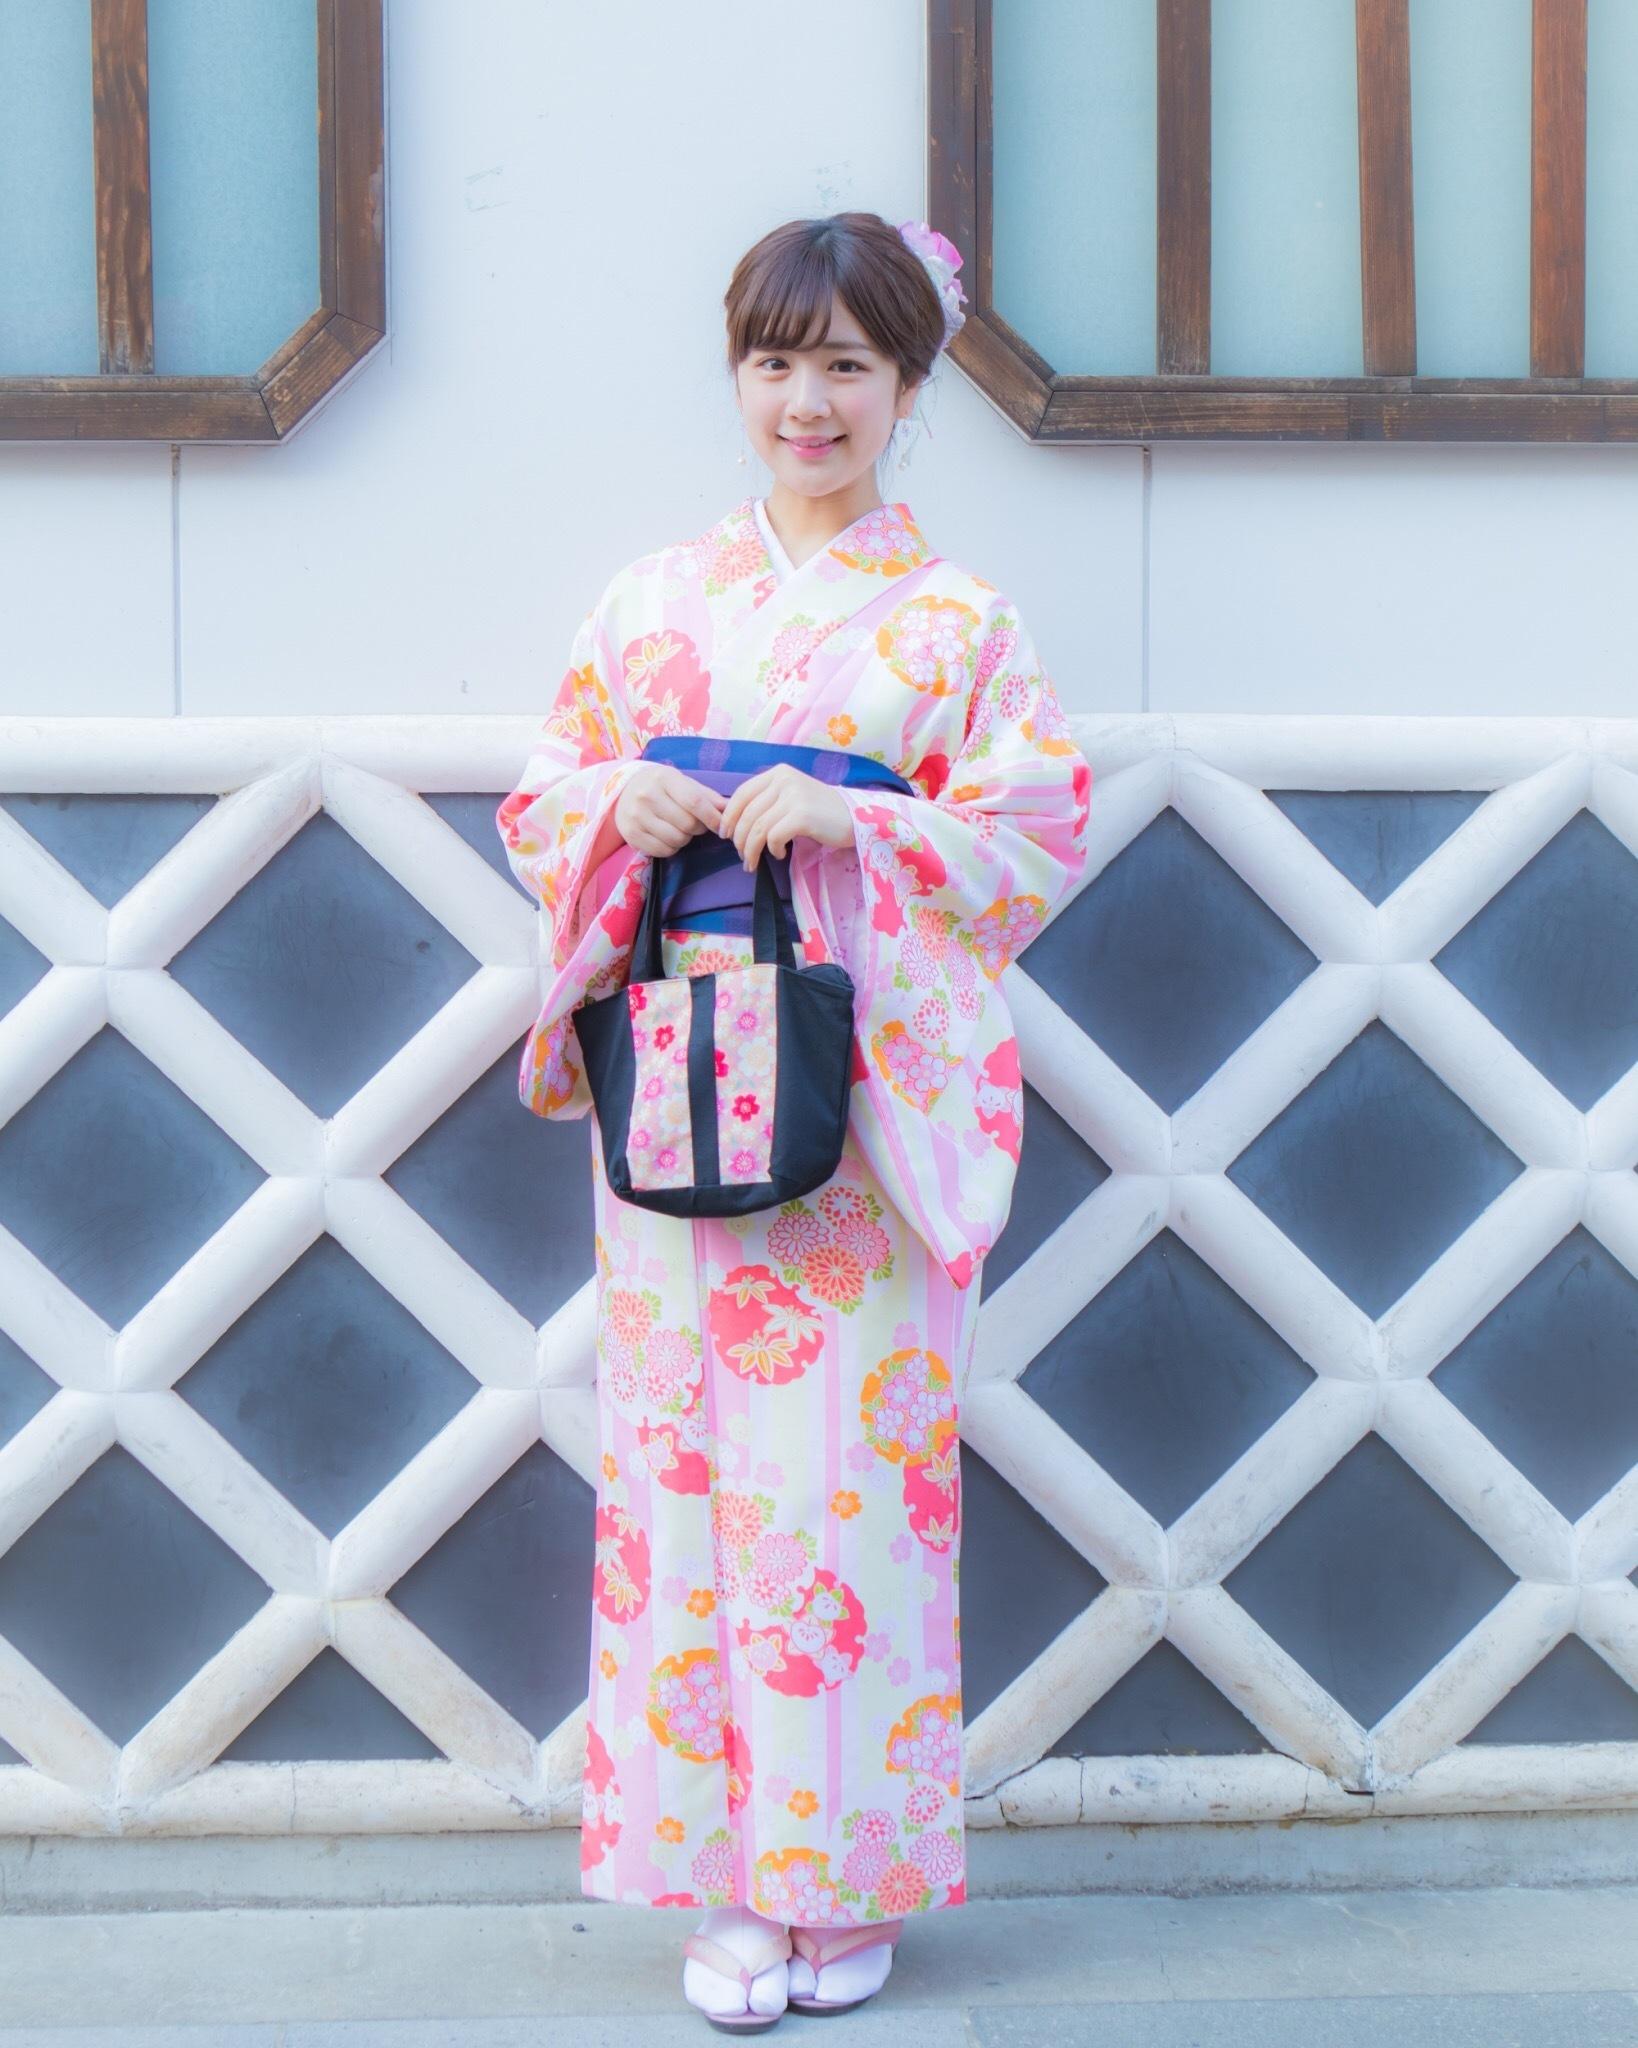 浅草でおすすめの着物レンタル屋さん♡_1_1